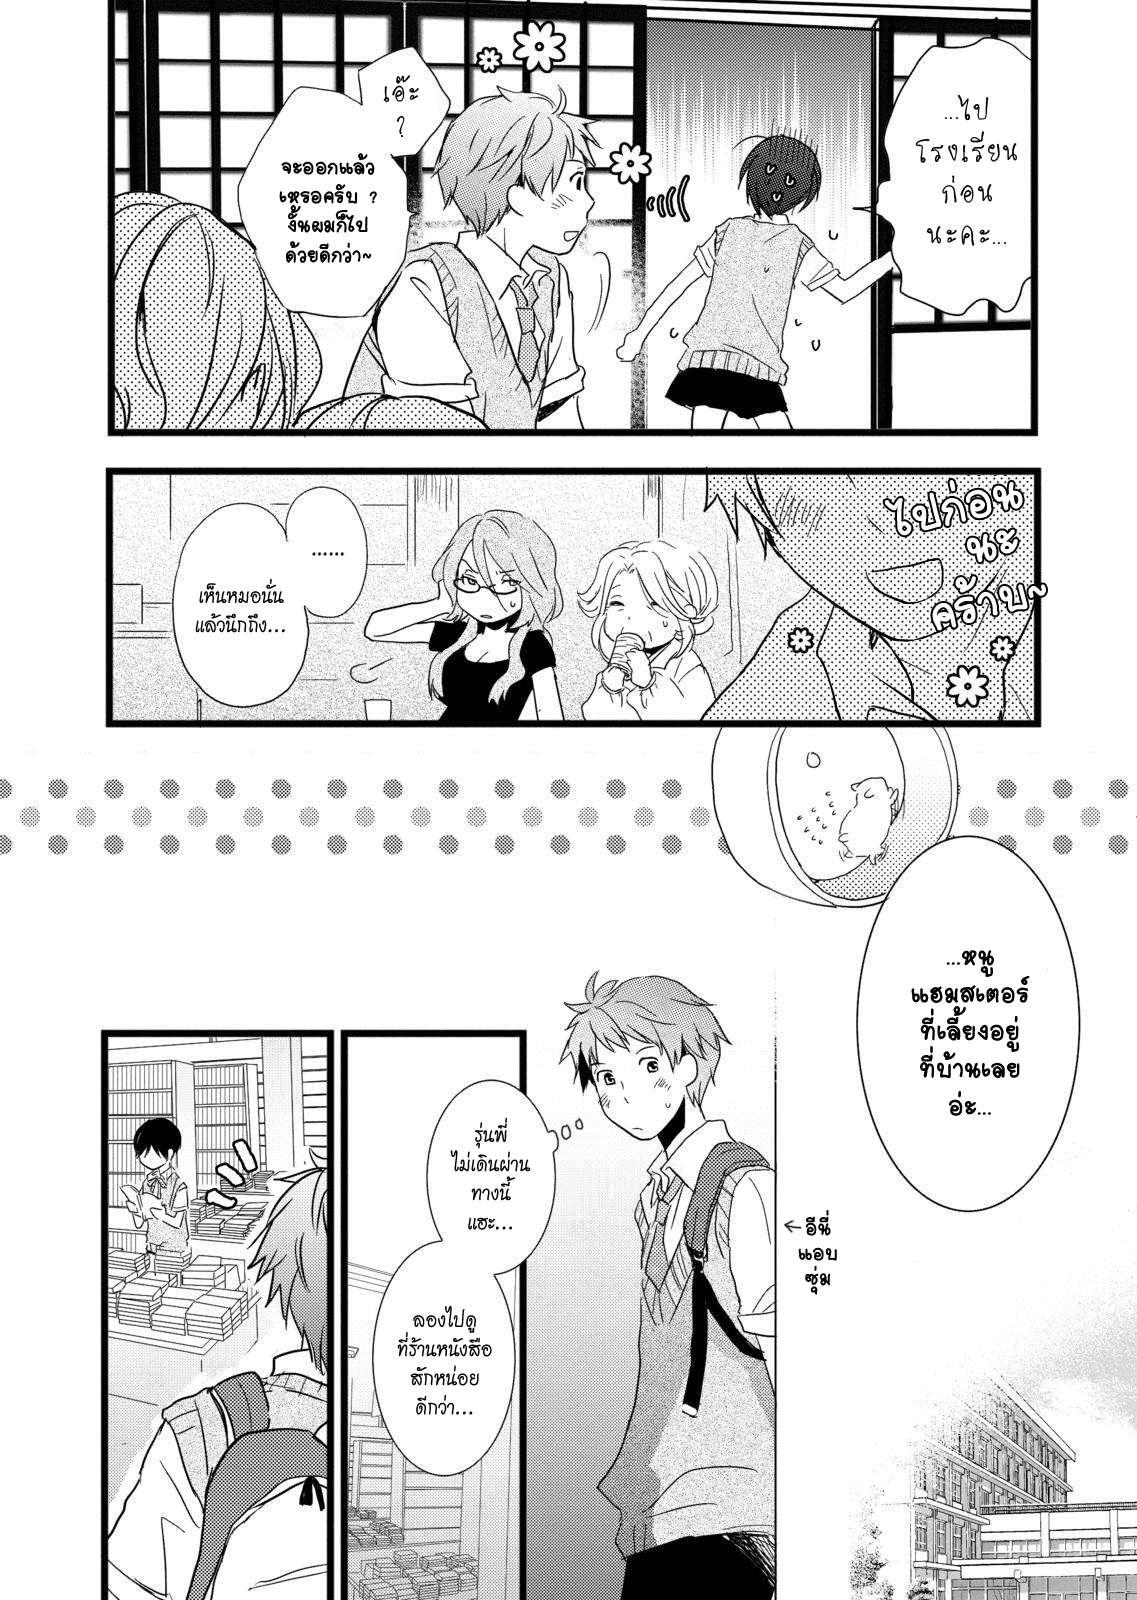 อ่านการ์ตูน Bokura wa Minna Kawaisou ตอนที่ 11 หน้าที่ 2